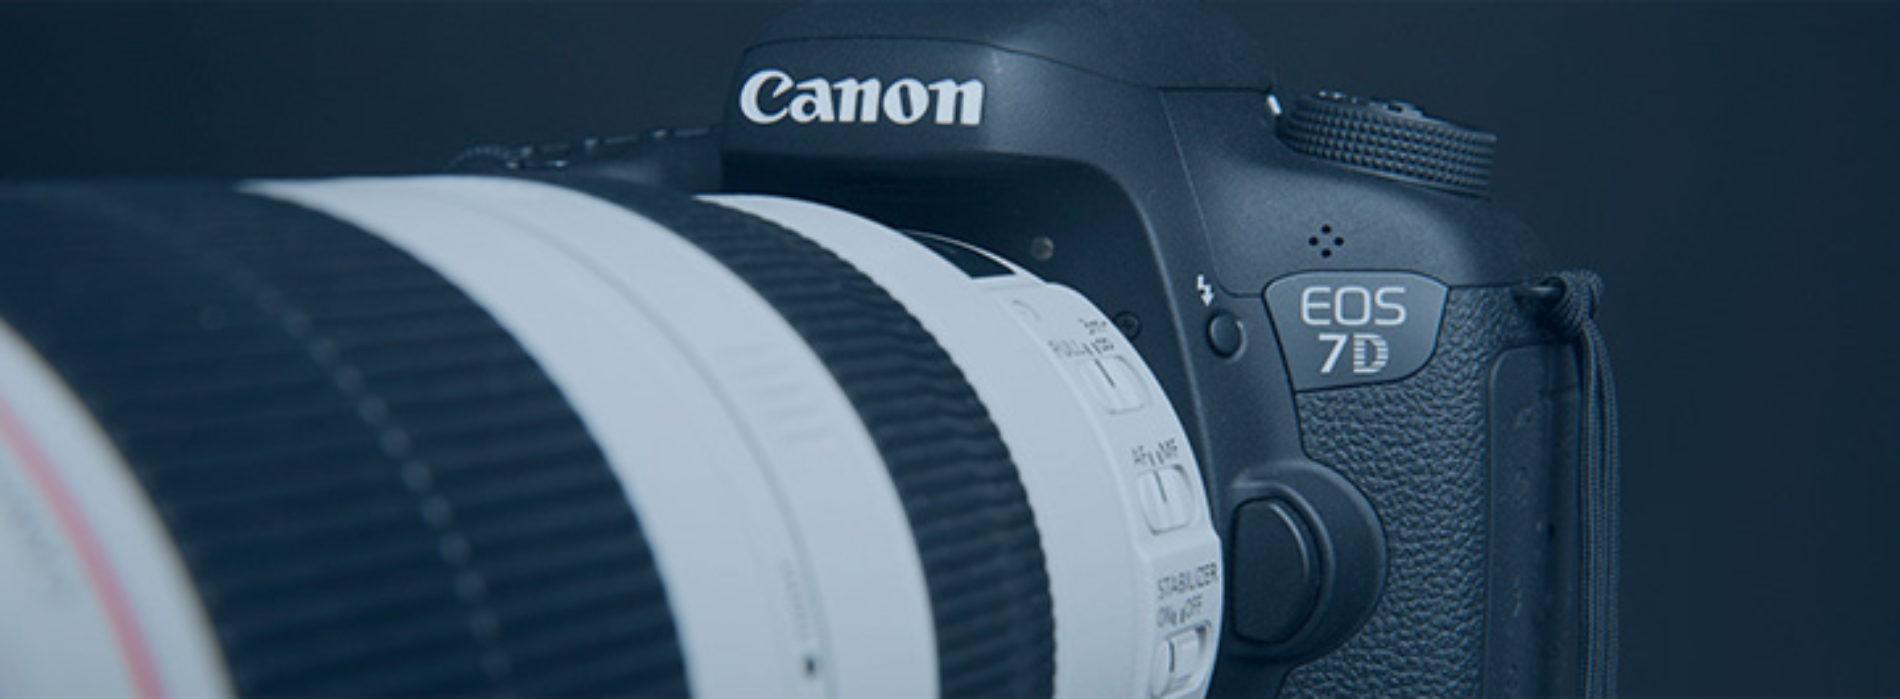 Ремонт зеркальных фотоаппаратов Canon